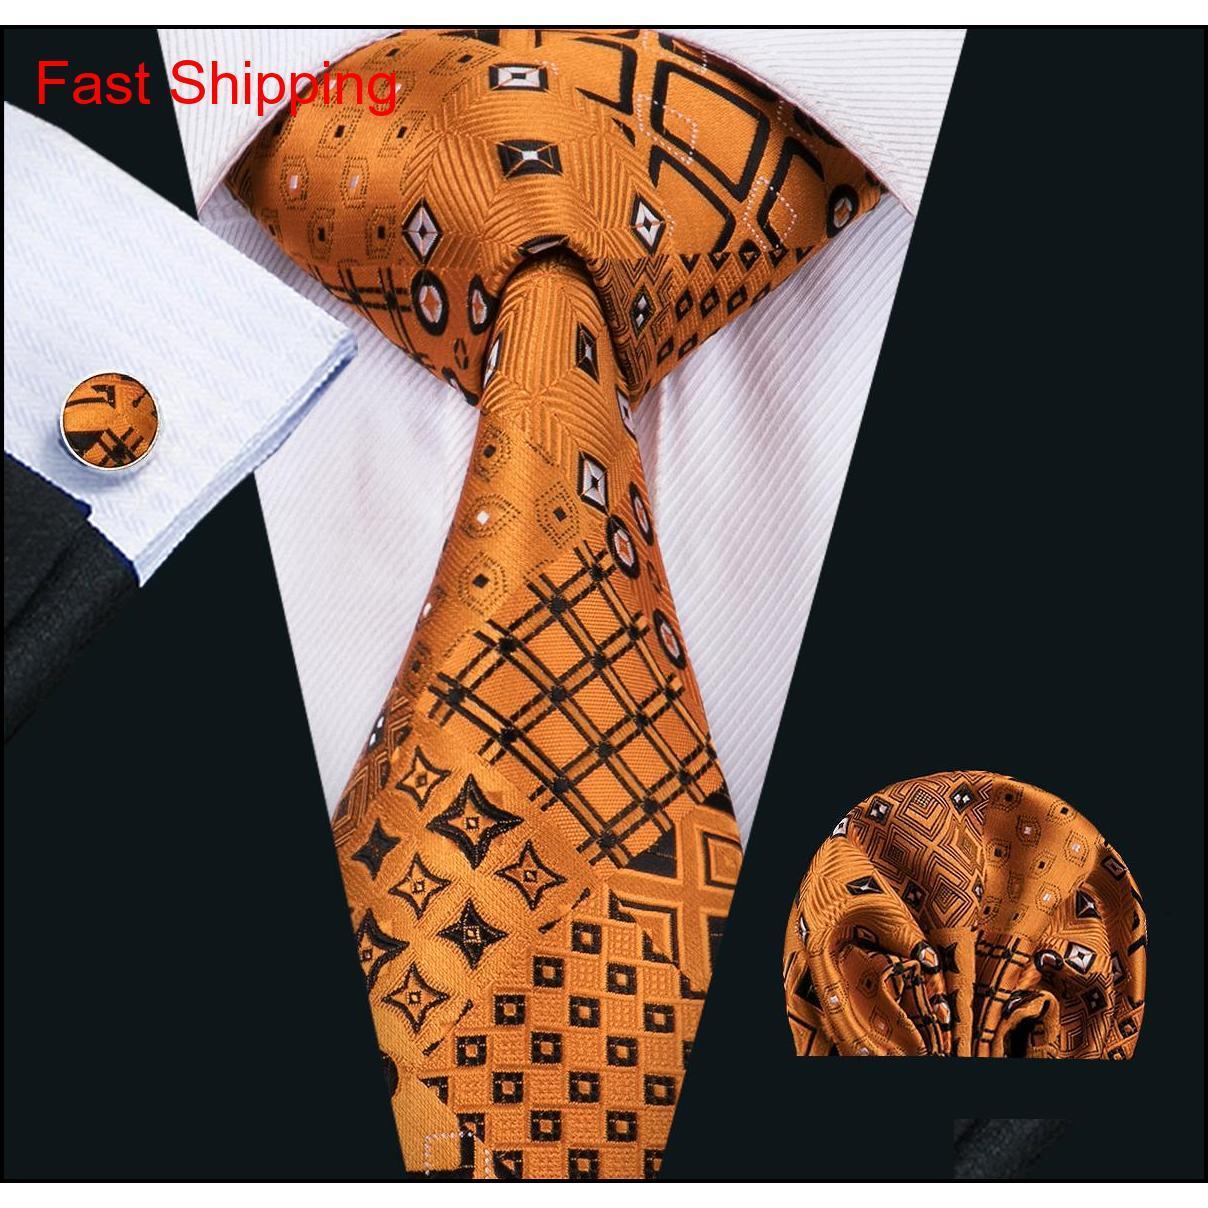 Moda uomo cravatta classci seta mens collo cravatta cravatta cravatta cravatta cravatta cravatta cravatta gemelli set jacquard tessuto riunione business regalo festa di nozze Sewkk